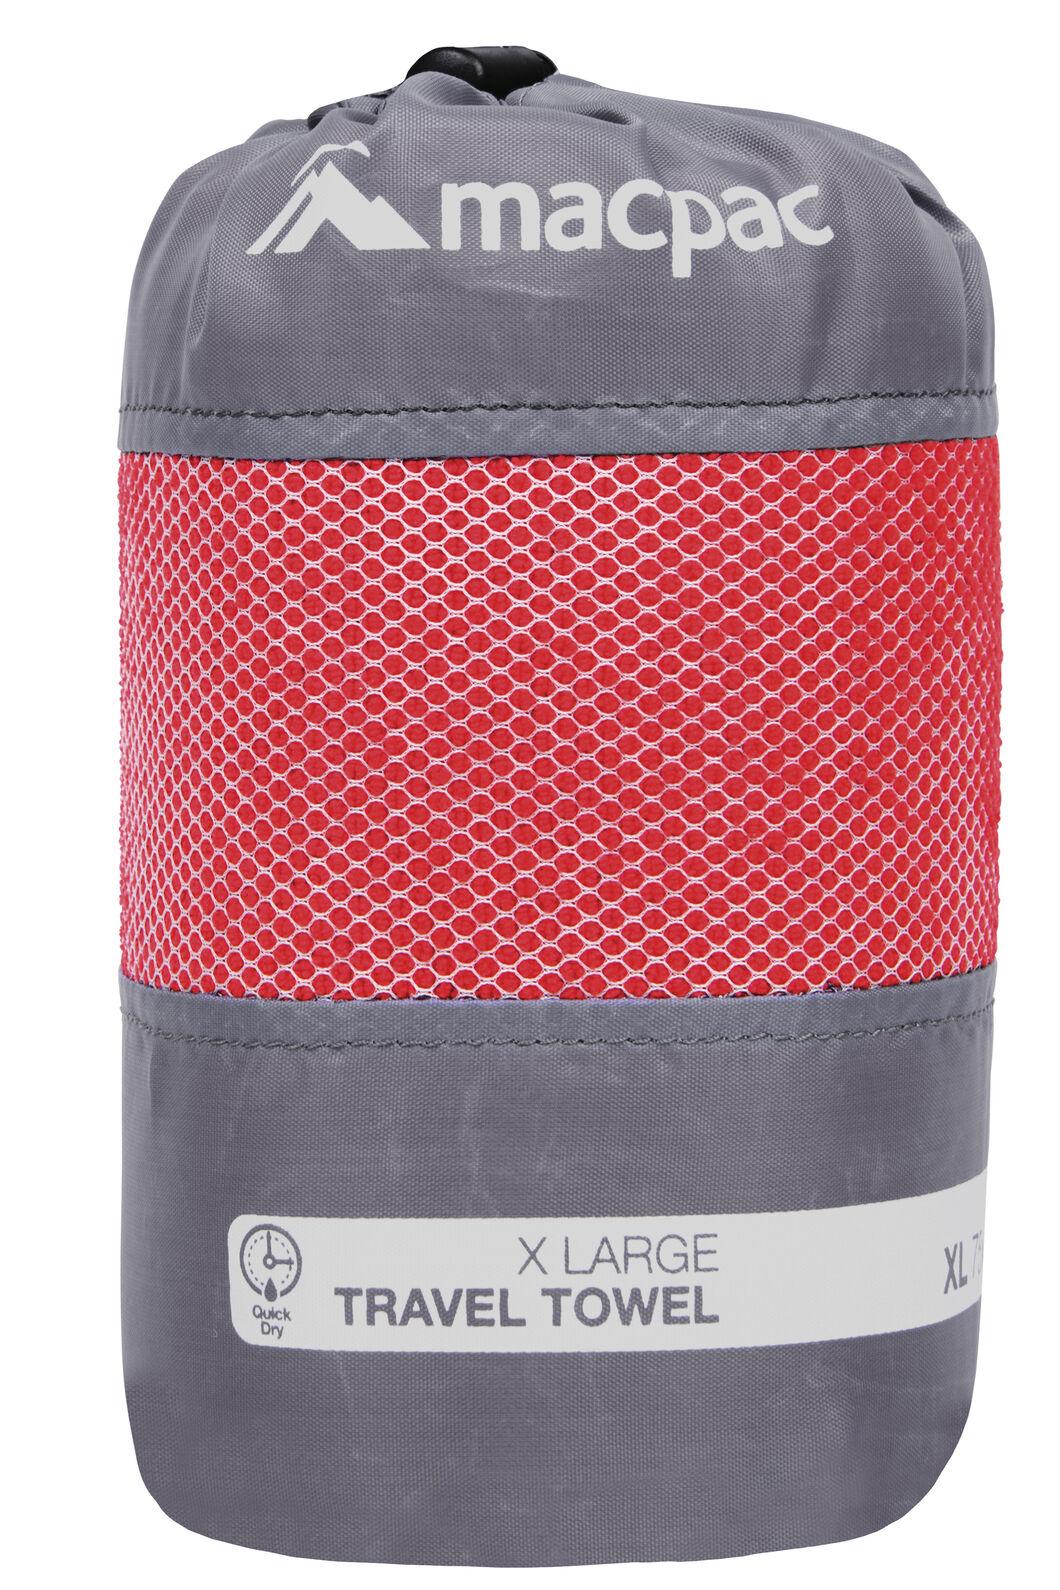 Macpac Travel Towel XL, Red, hi-res